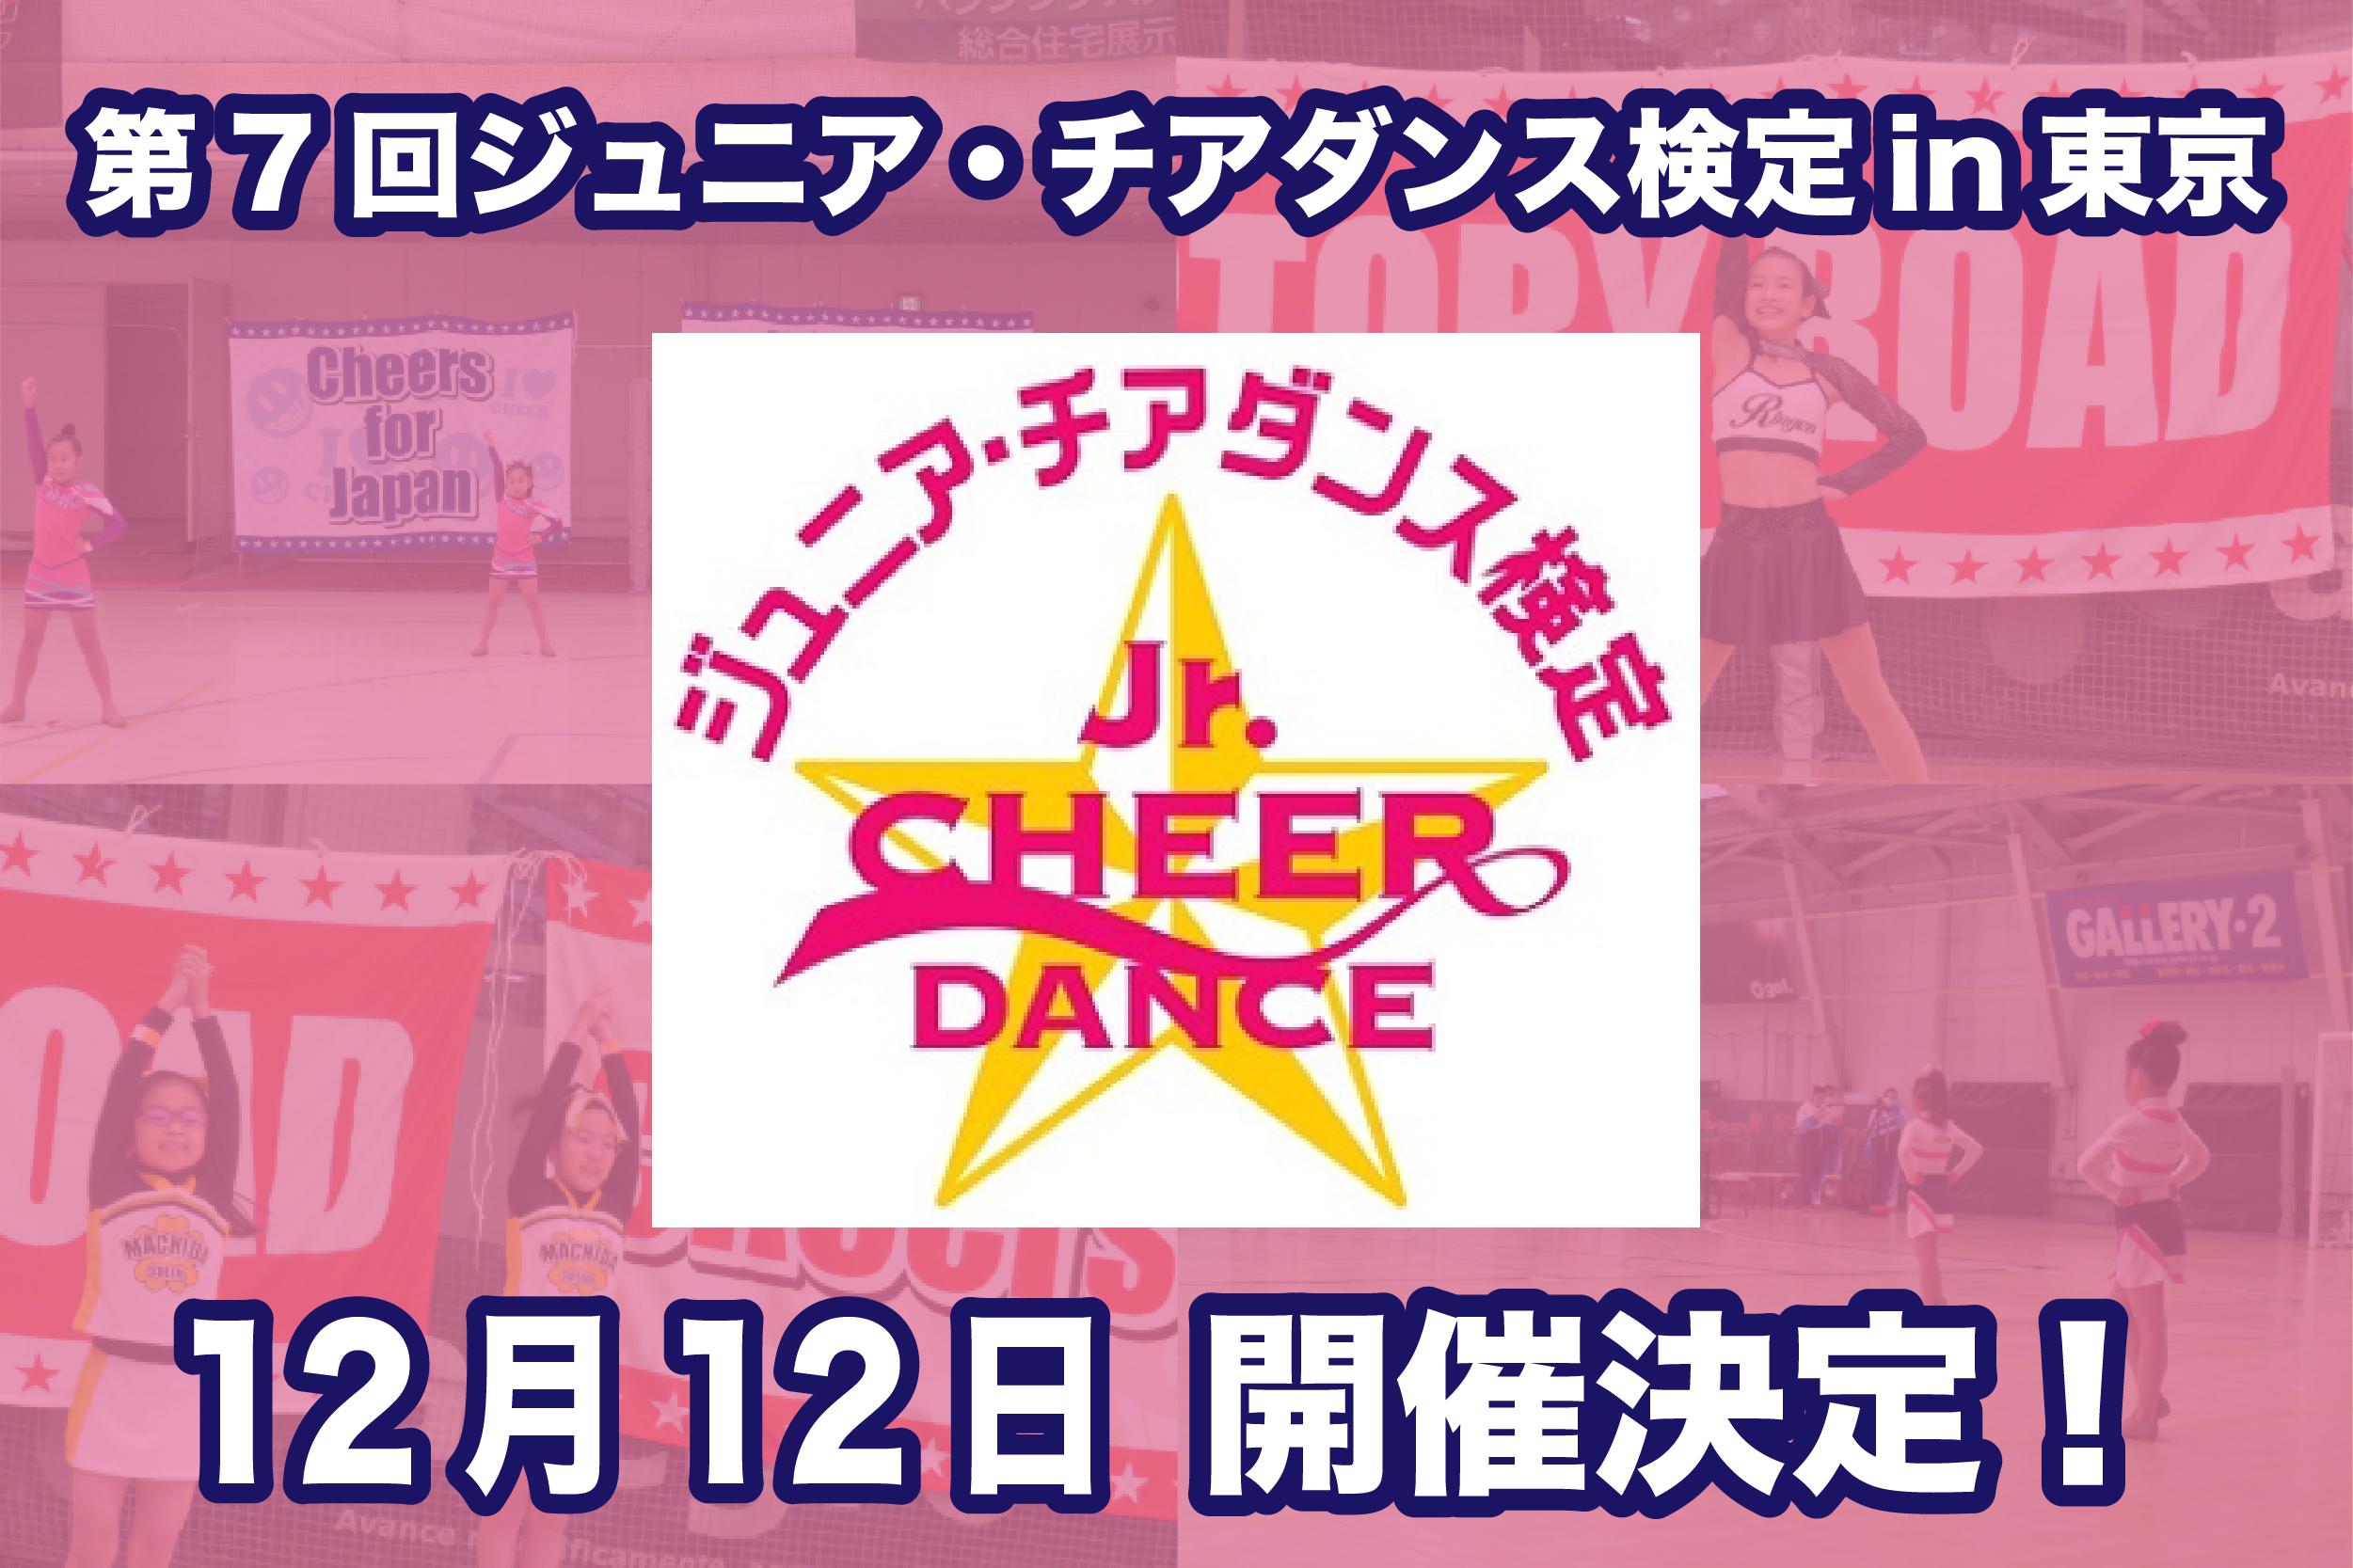 「第7回ジュニア・チアダンス検定in東京」開催決定のお知らせ